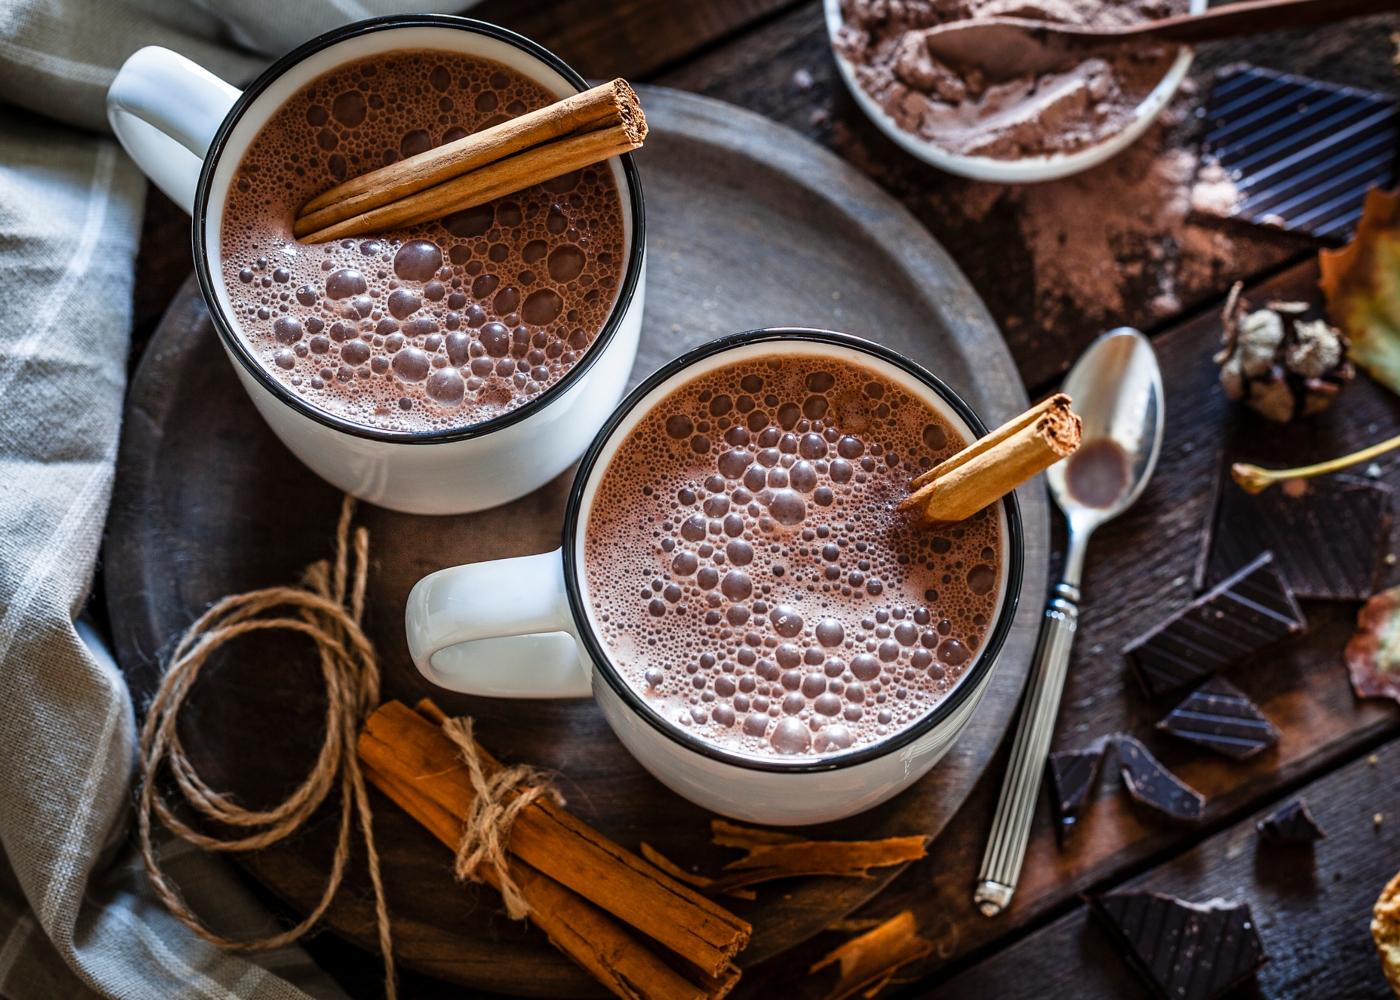 Chávenas de chocolate quente com farinha de araruta